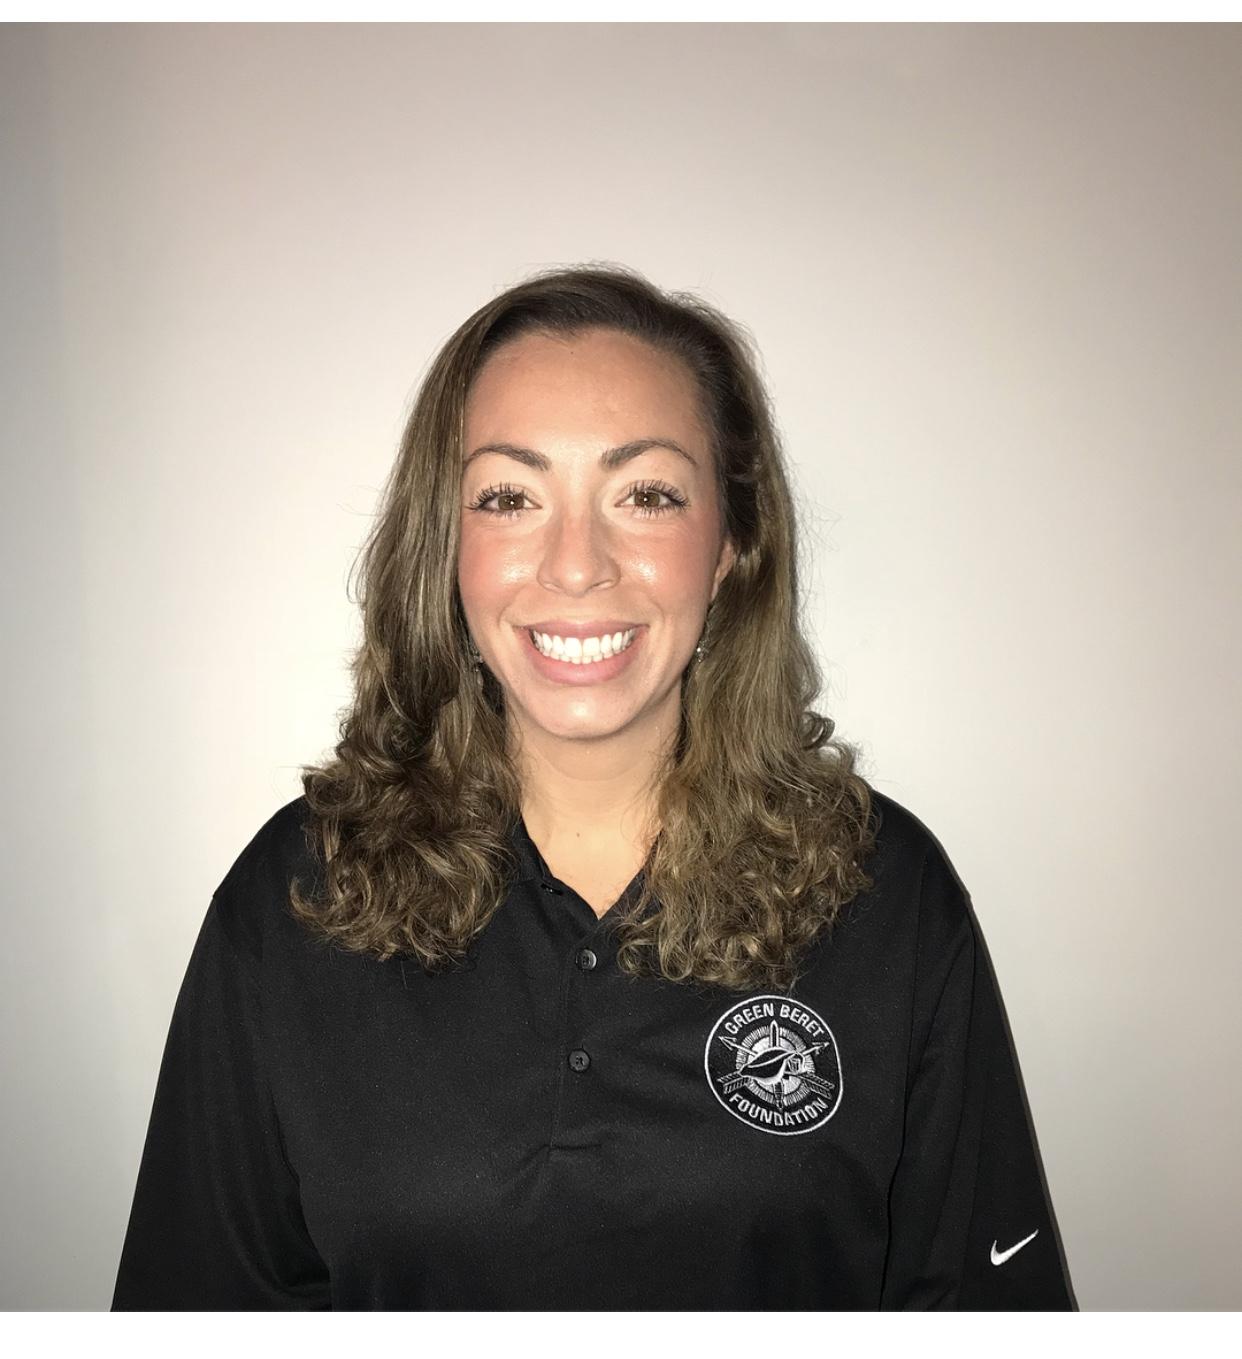 Justine Torres, Lead